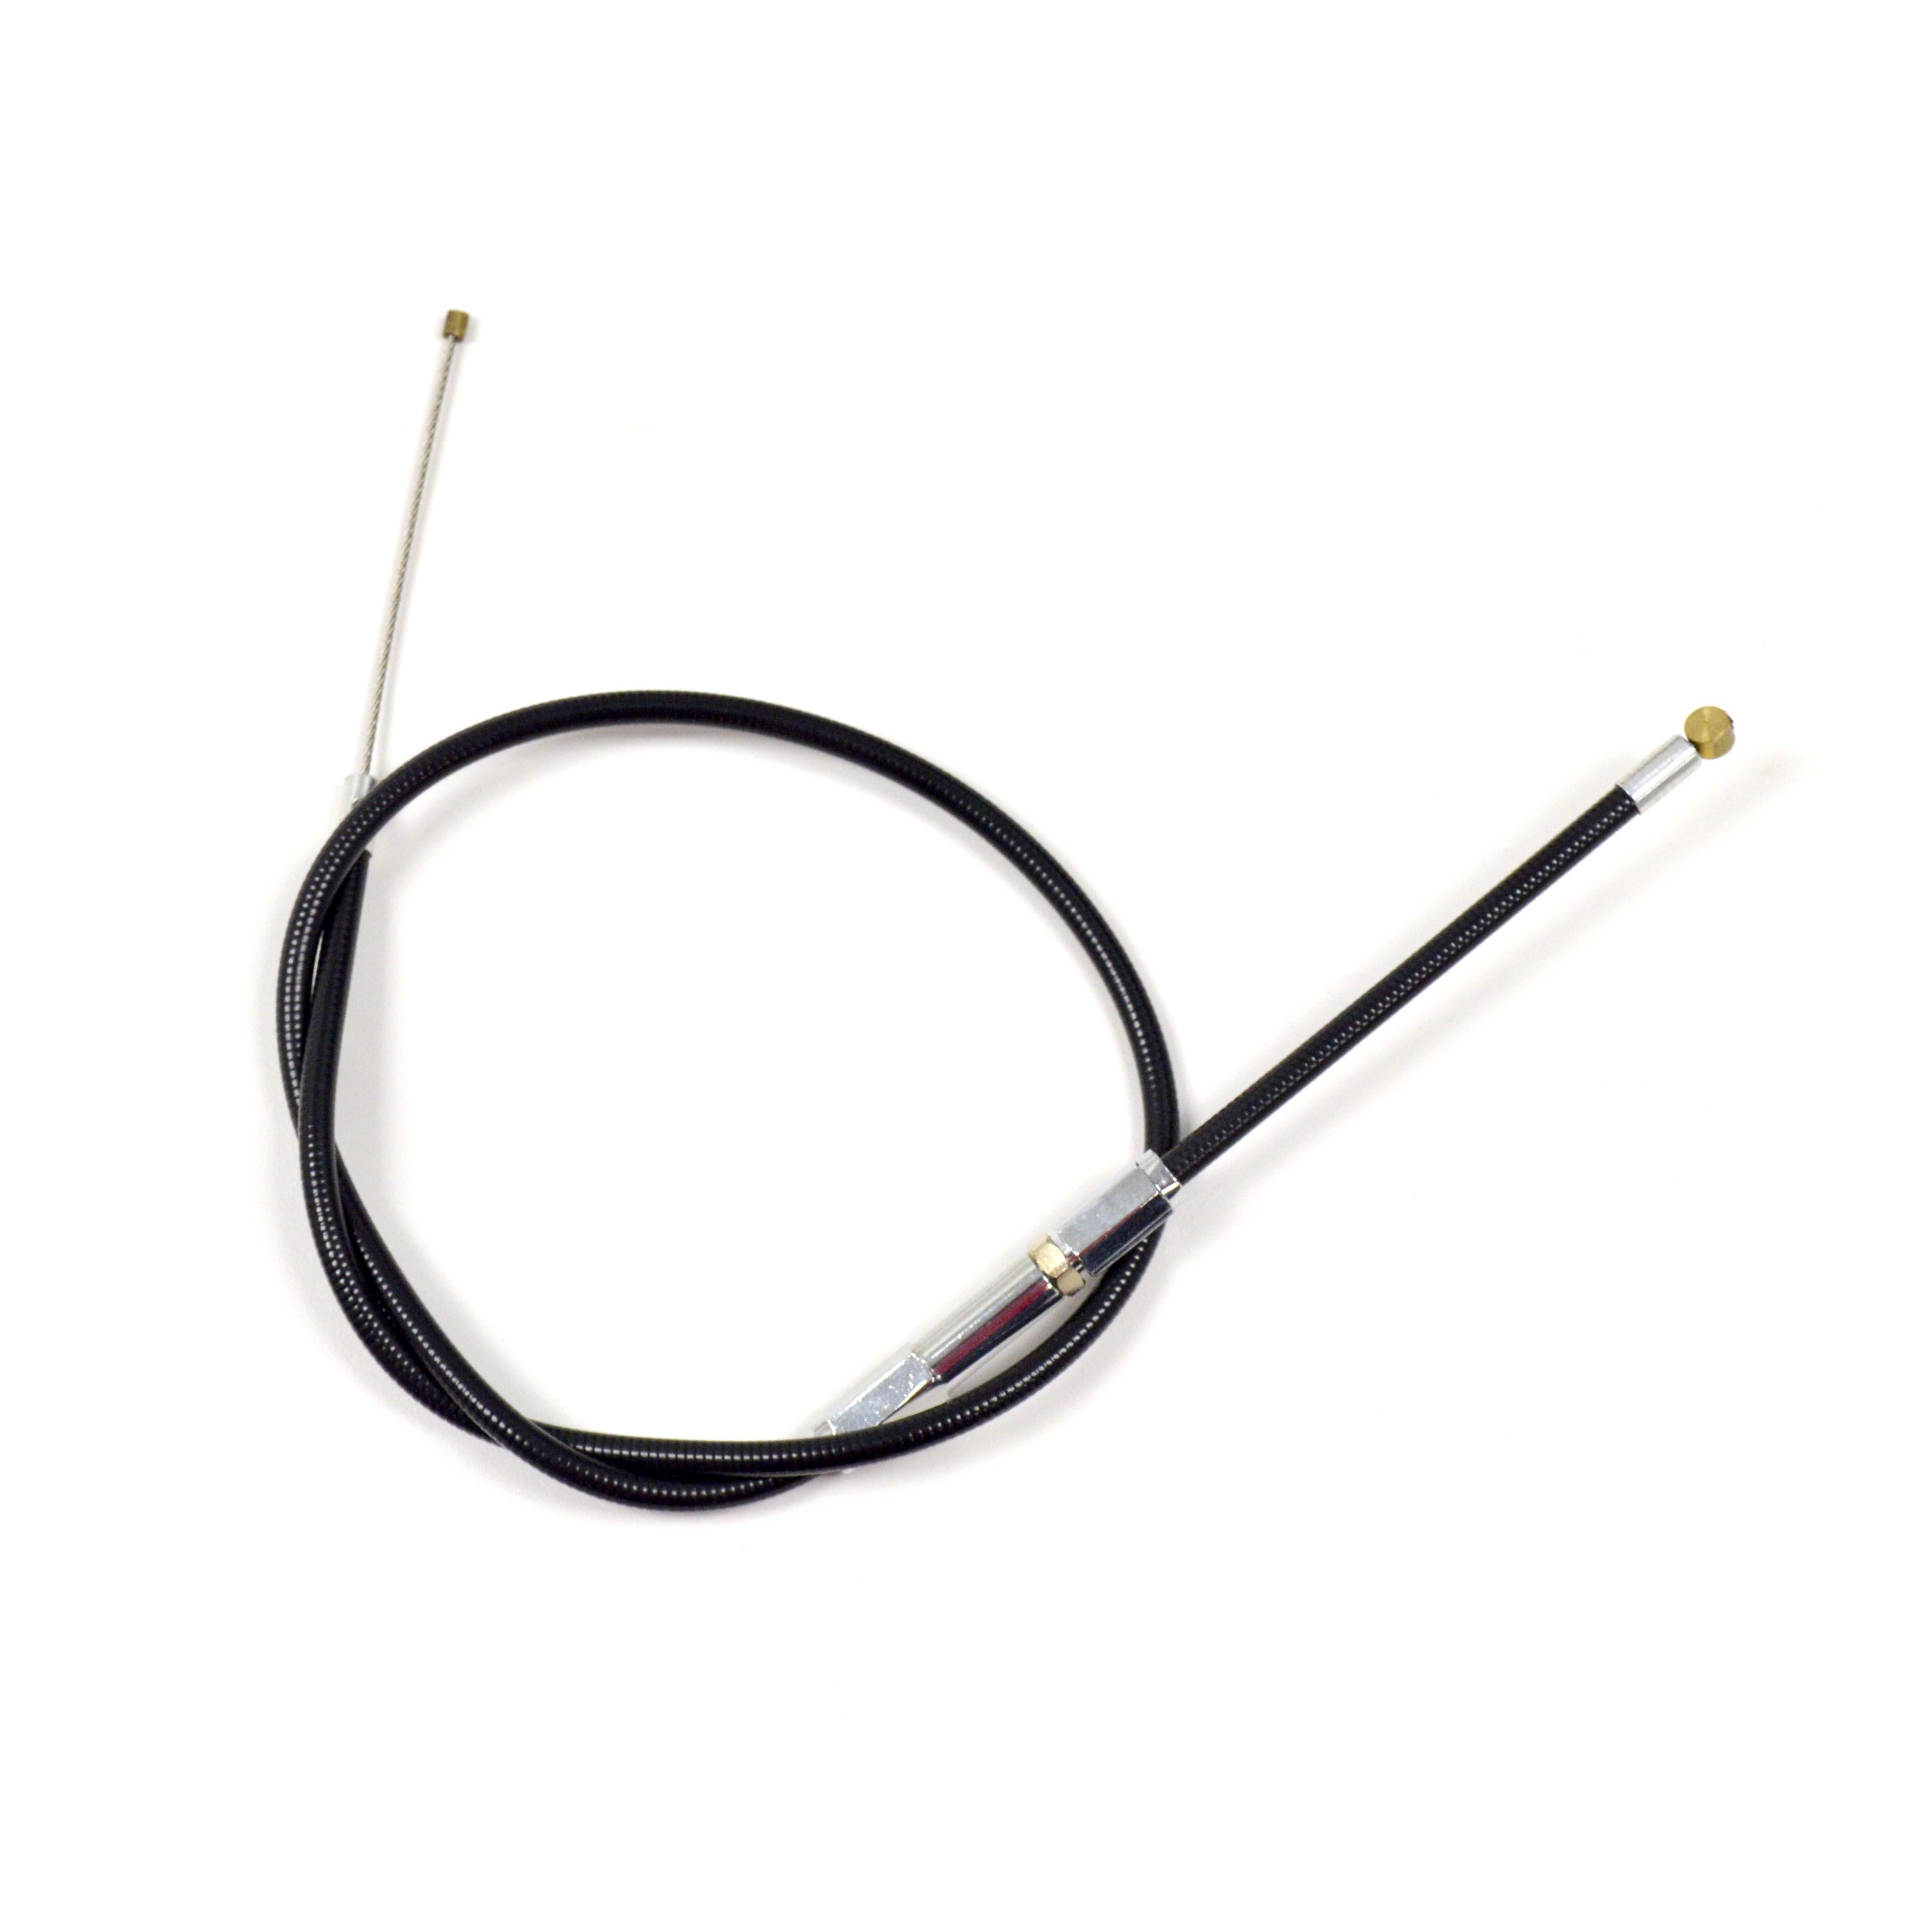 Triumph Bonneville T120 Choke Cable